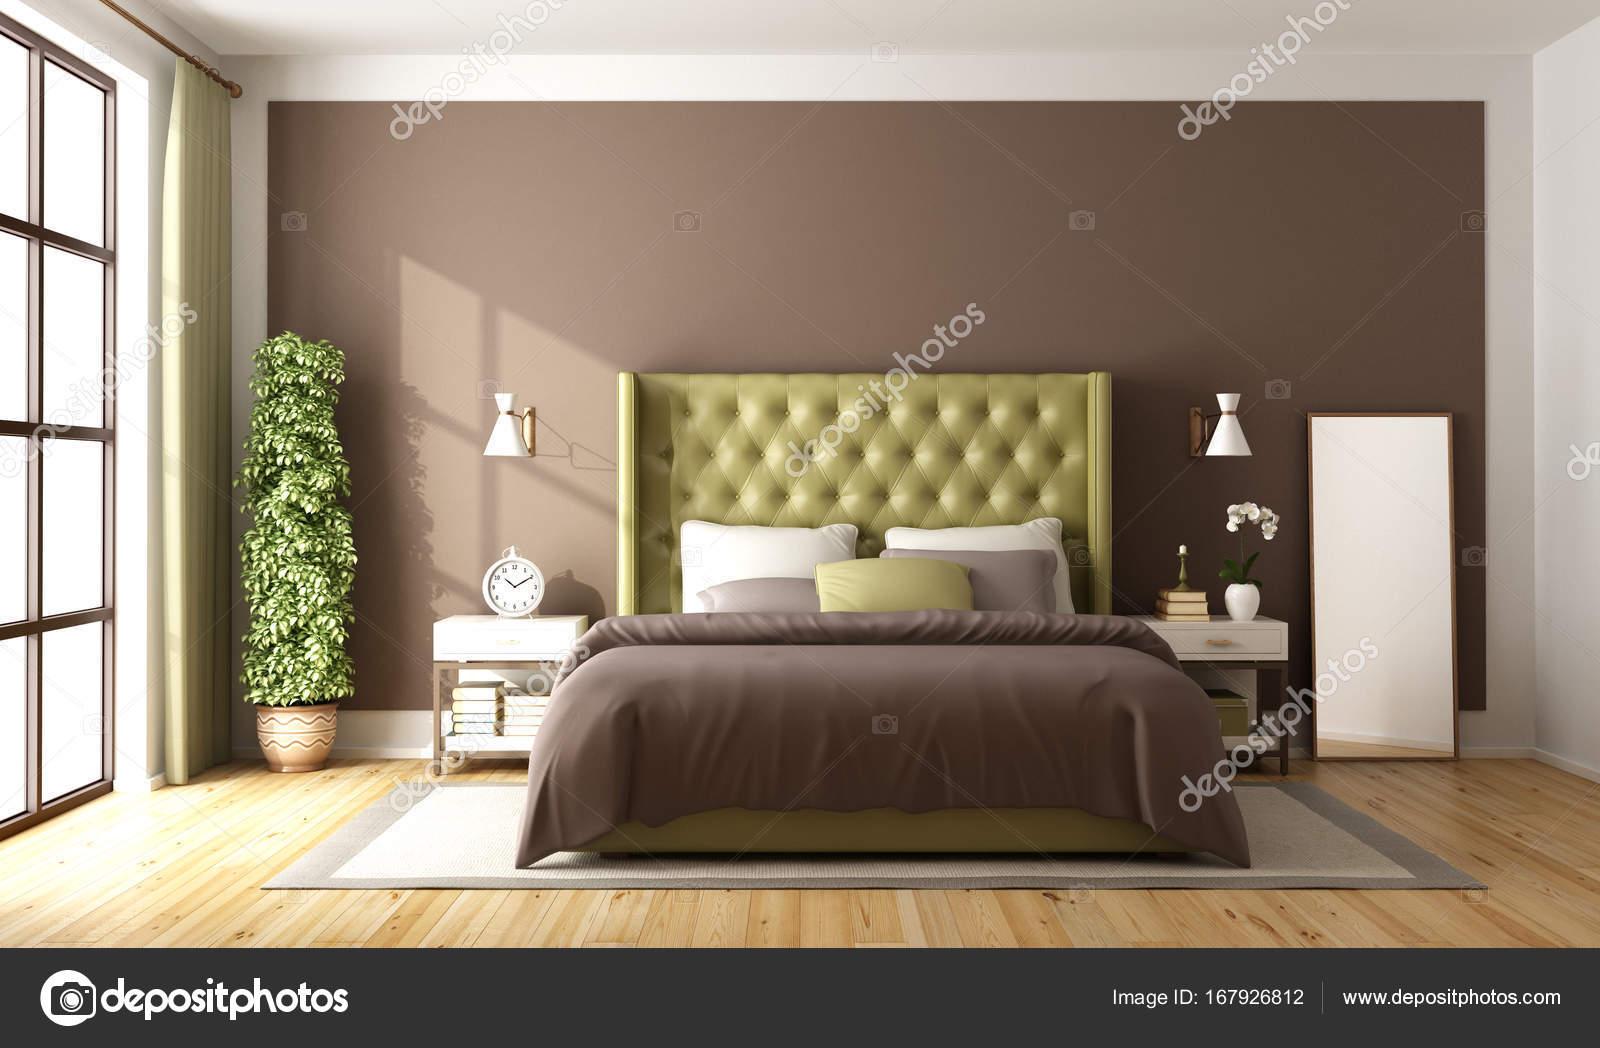 Wunderbar Braun Und Grün Schlafzimmer Mit Eleganten Doppelbett   3d Rendering U2014 Foto  Von Archideaphoto